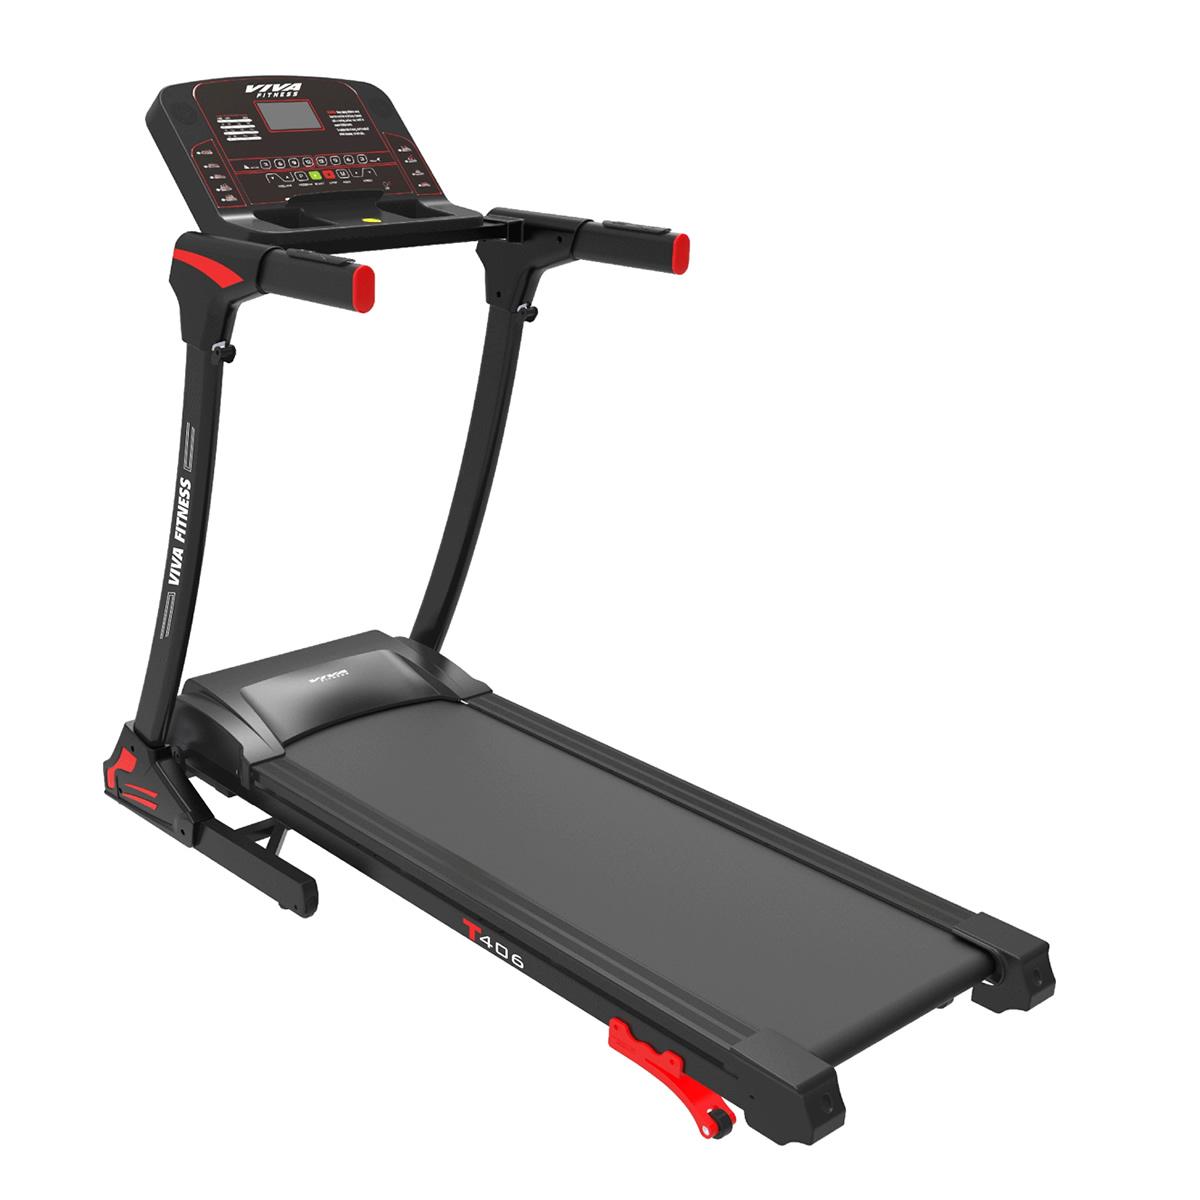 T-406 Treadmill